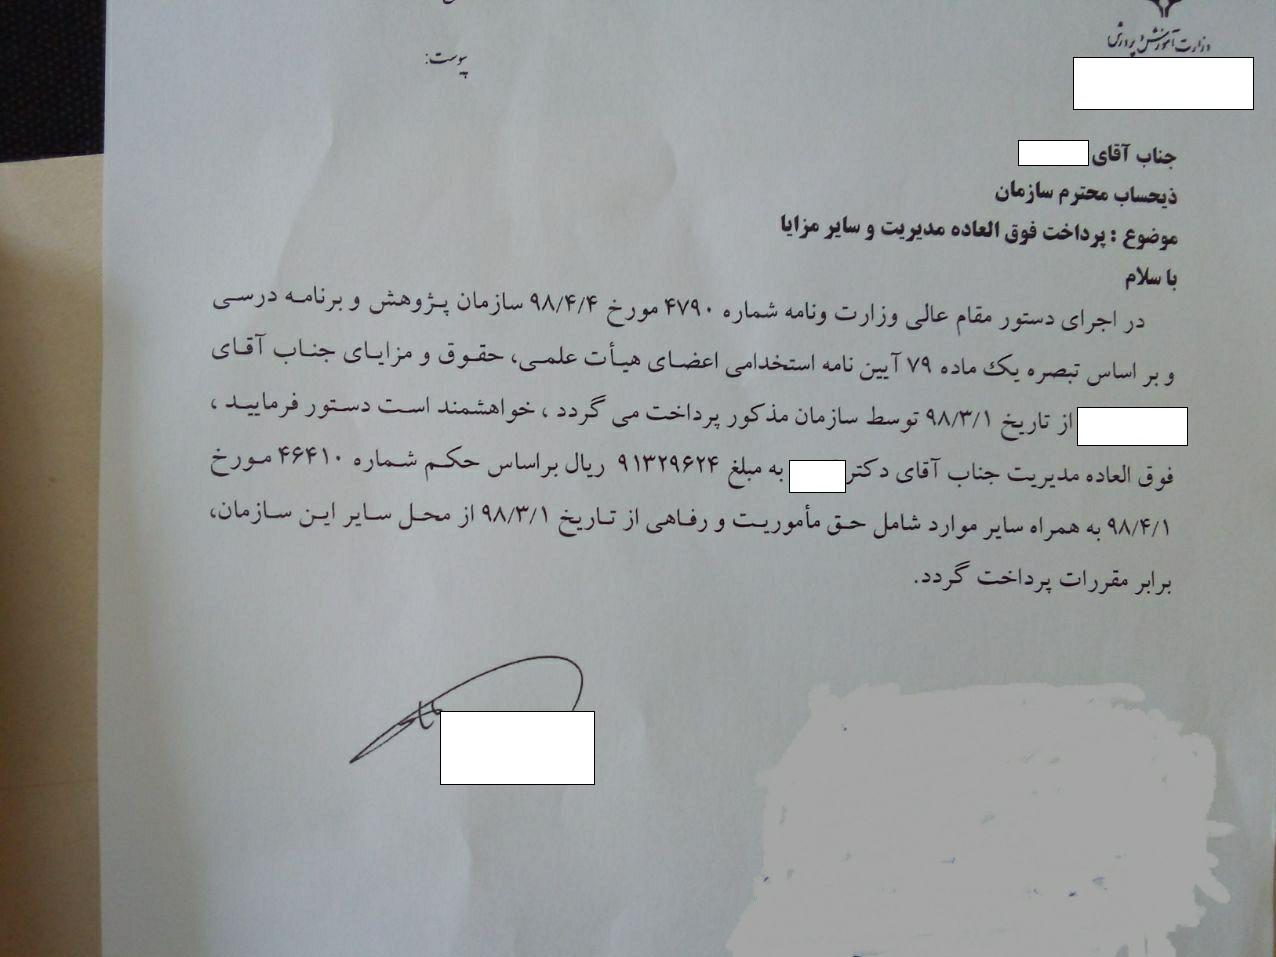 تخلفات تازه معاون وزیر آموزش و پرورش جنجال به پا کرد+ اسناد